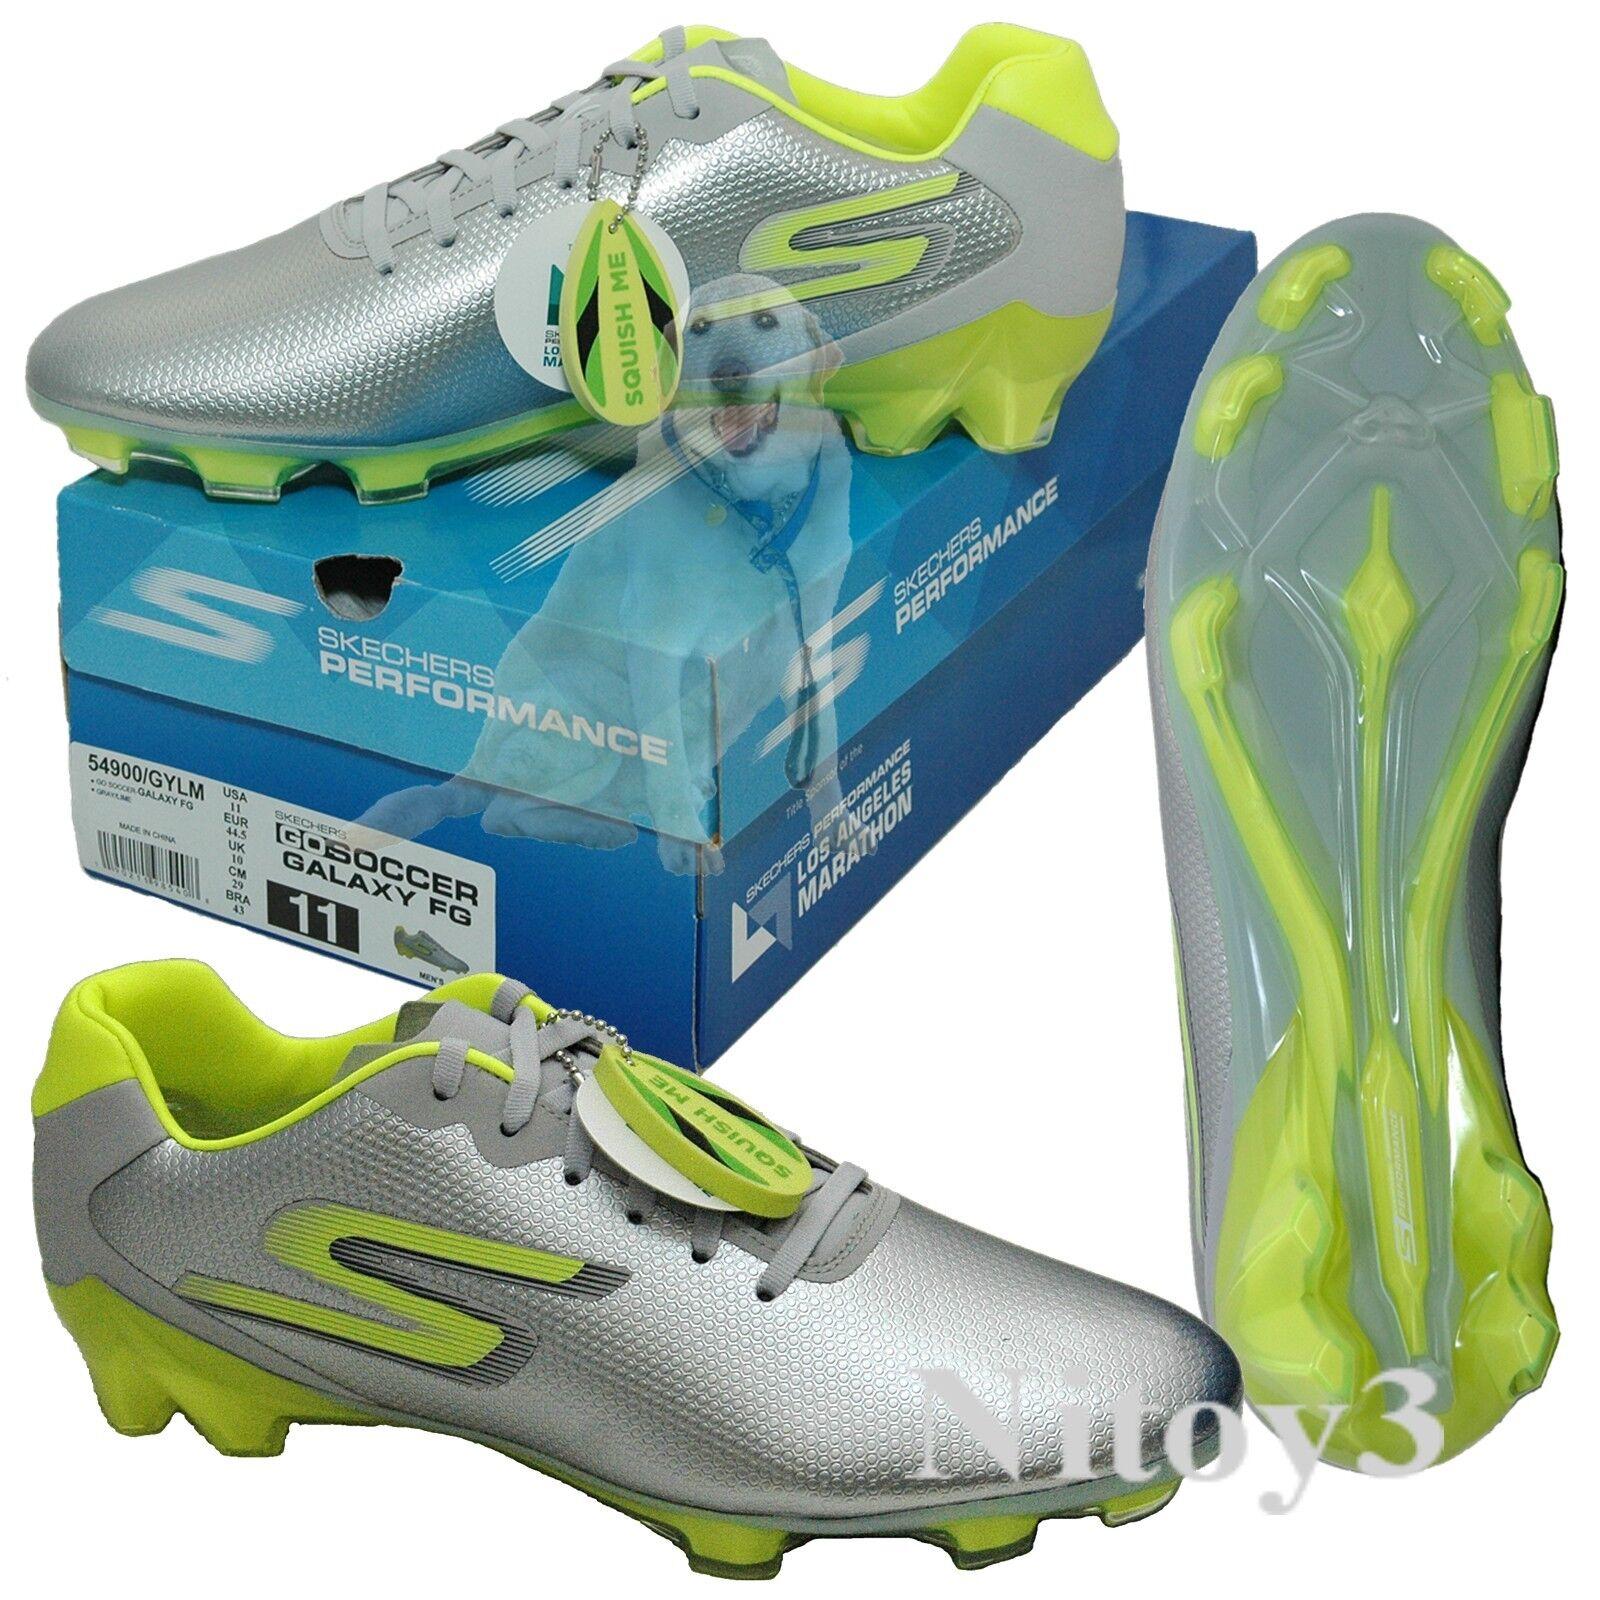 Skchers GO Soccer Galaxy FG Soccer Cleats Sie Größe 11